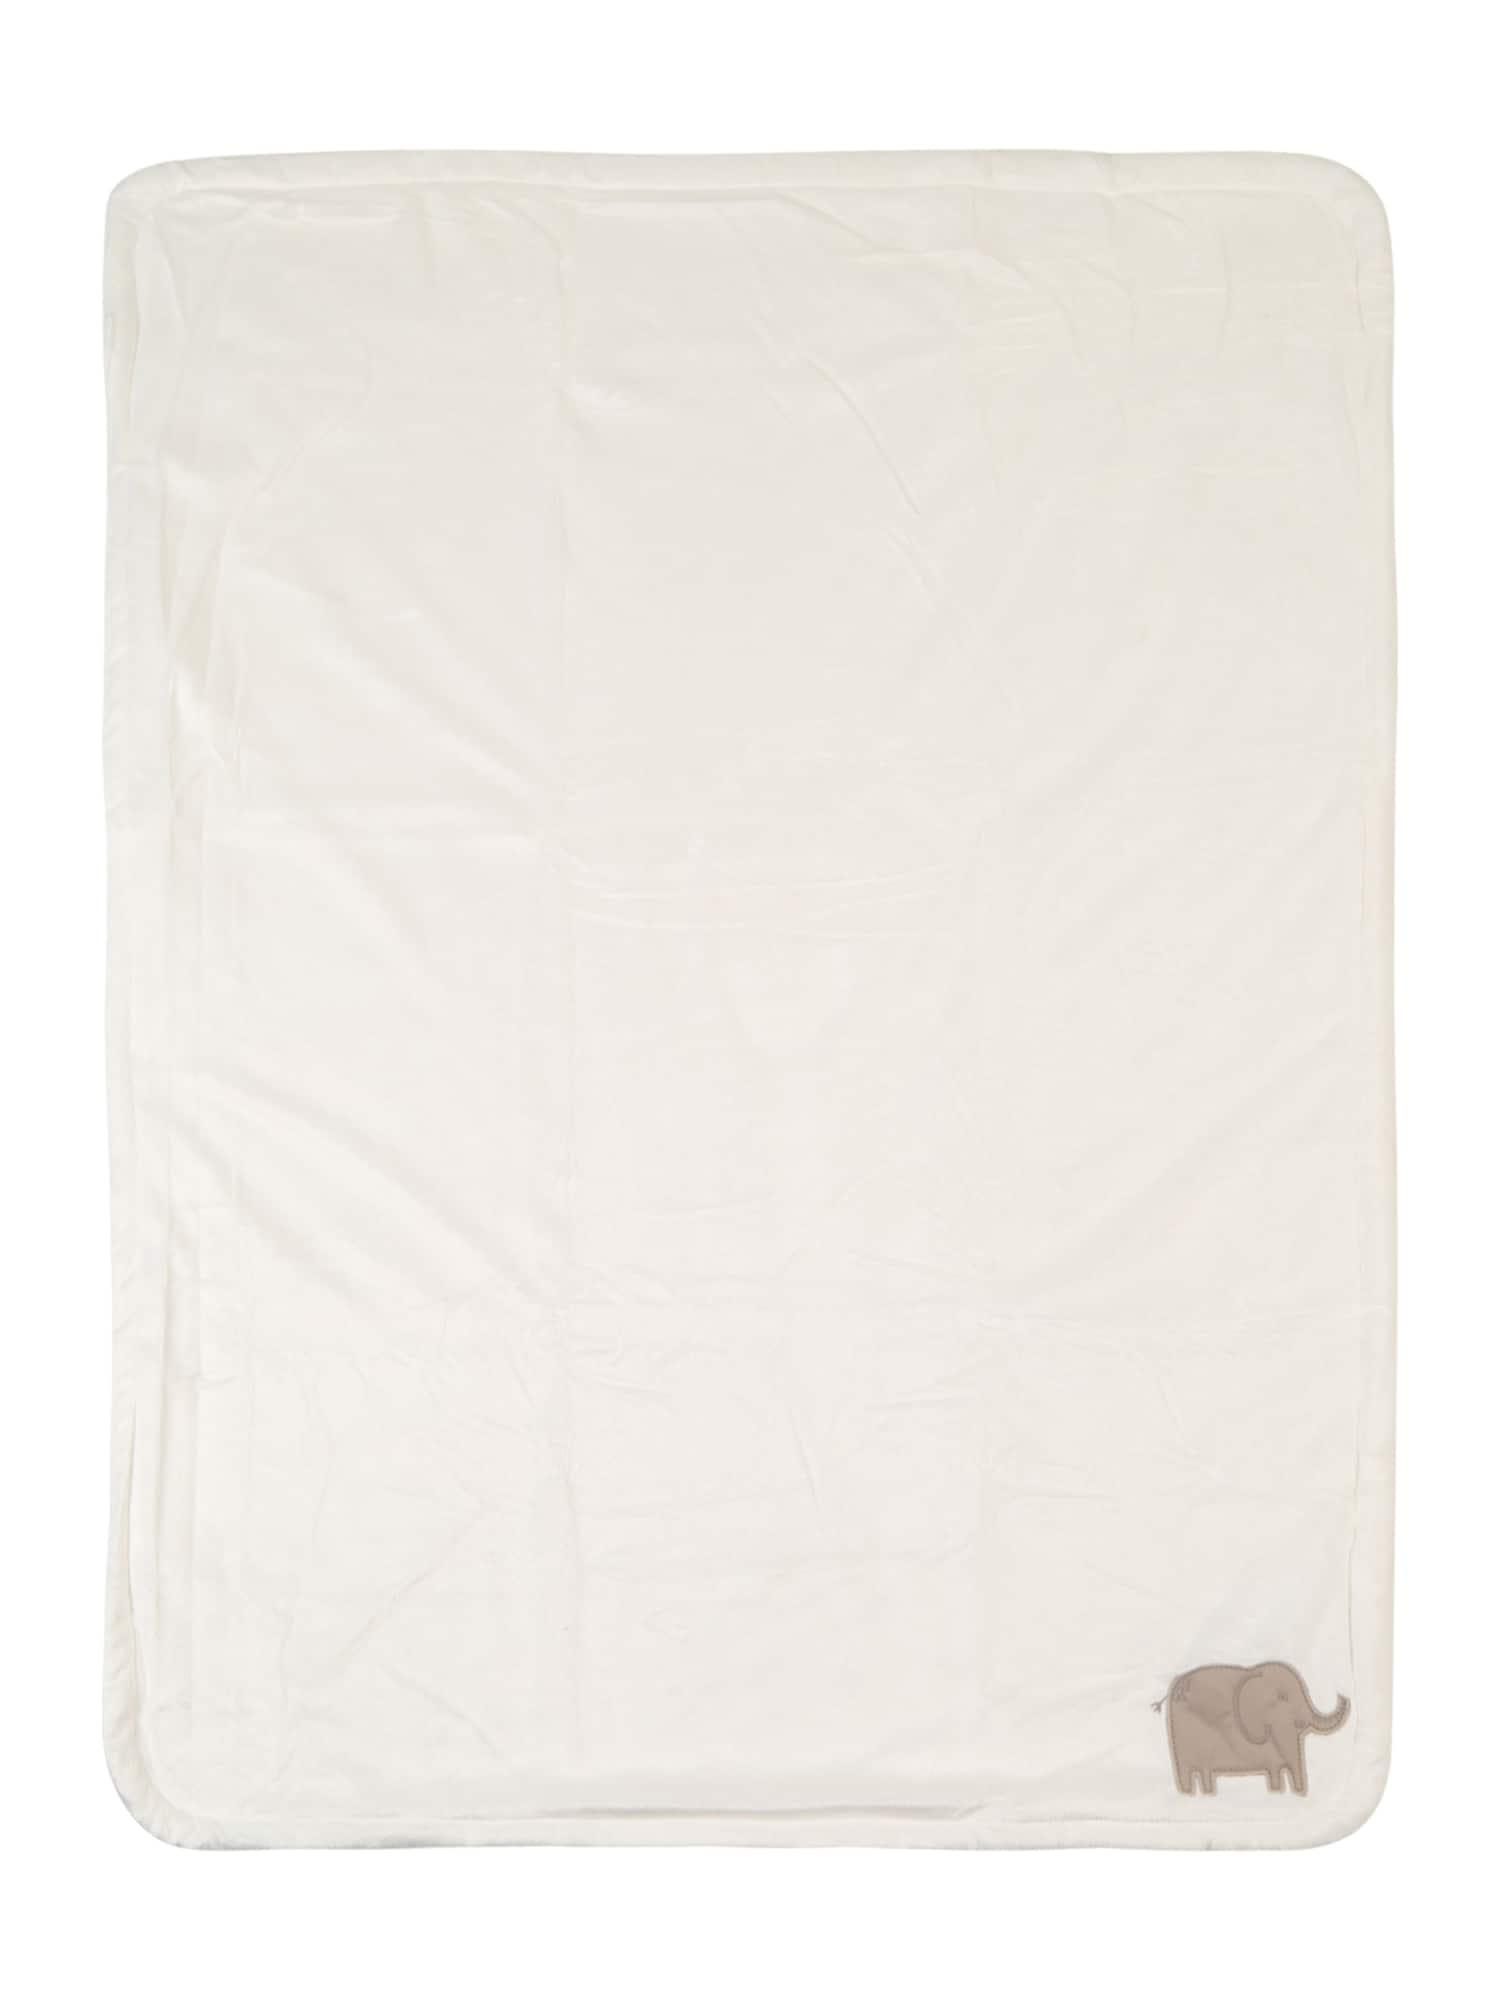 Carters Dětská deka bílá Carter's